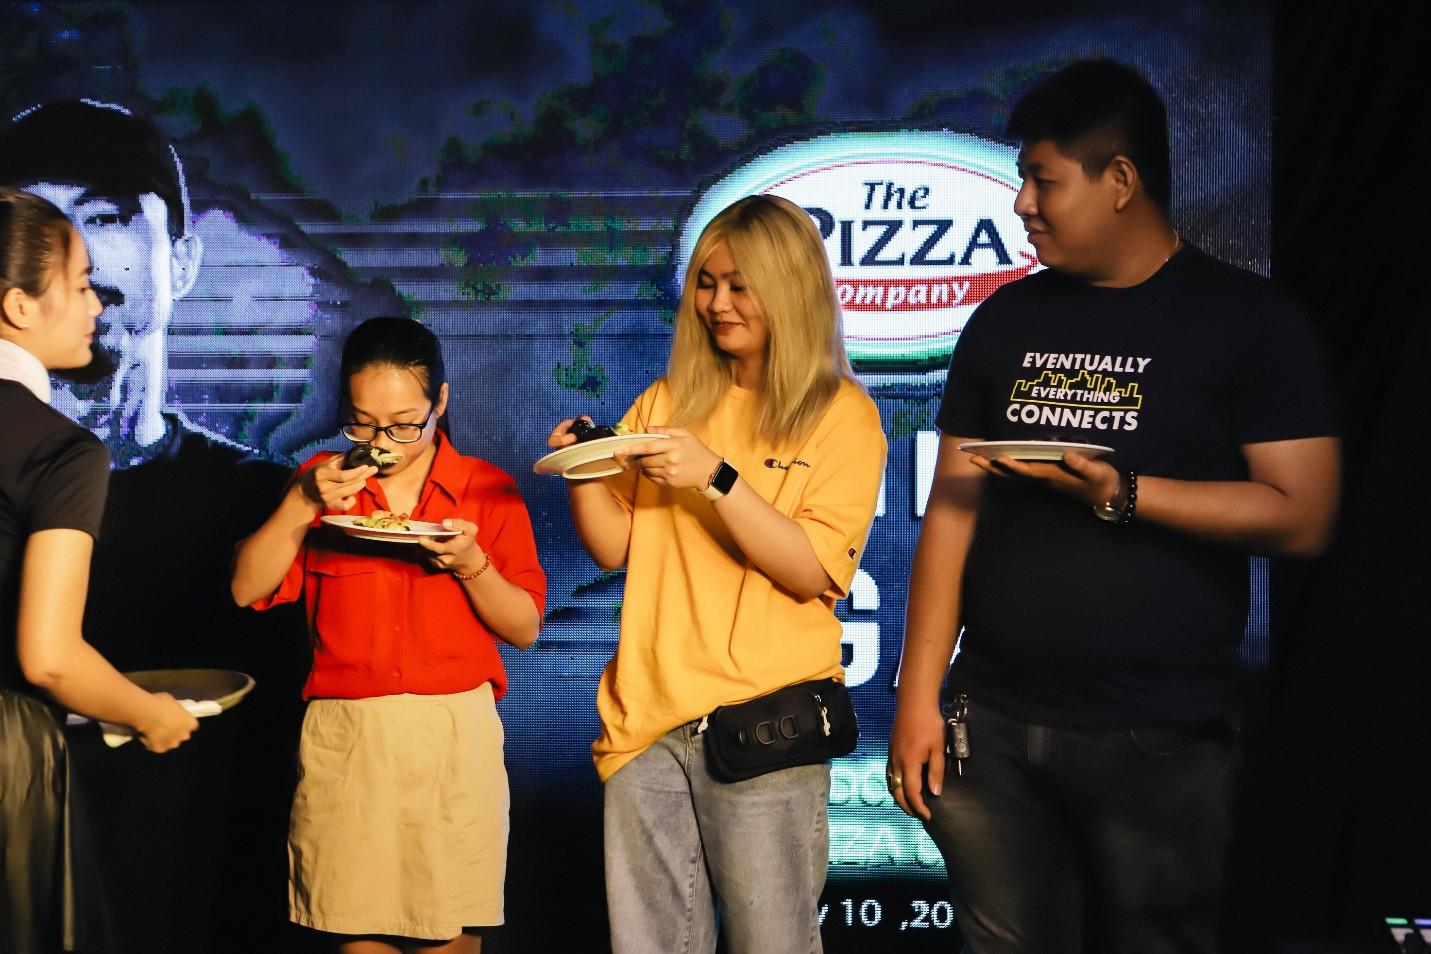 Đen Vâu góp mặt trong sự kiện ra mắt pizza mới khiến fan đi từ bất ngờ đến phấn khích tột đỉnh - Ảnh 7.